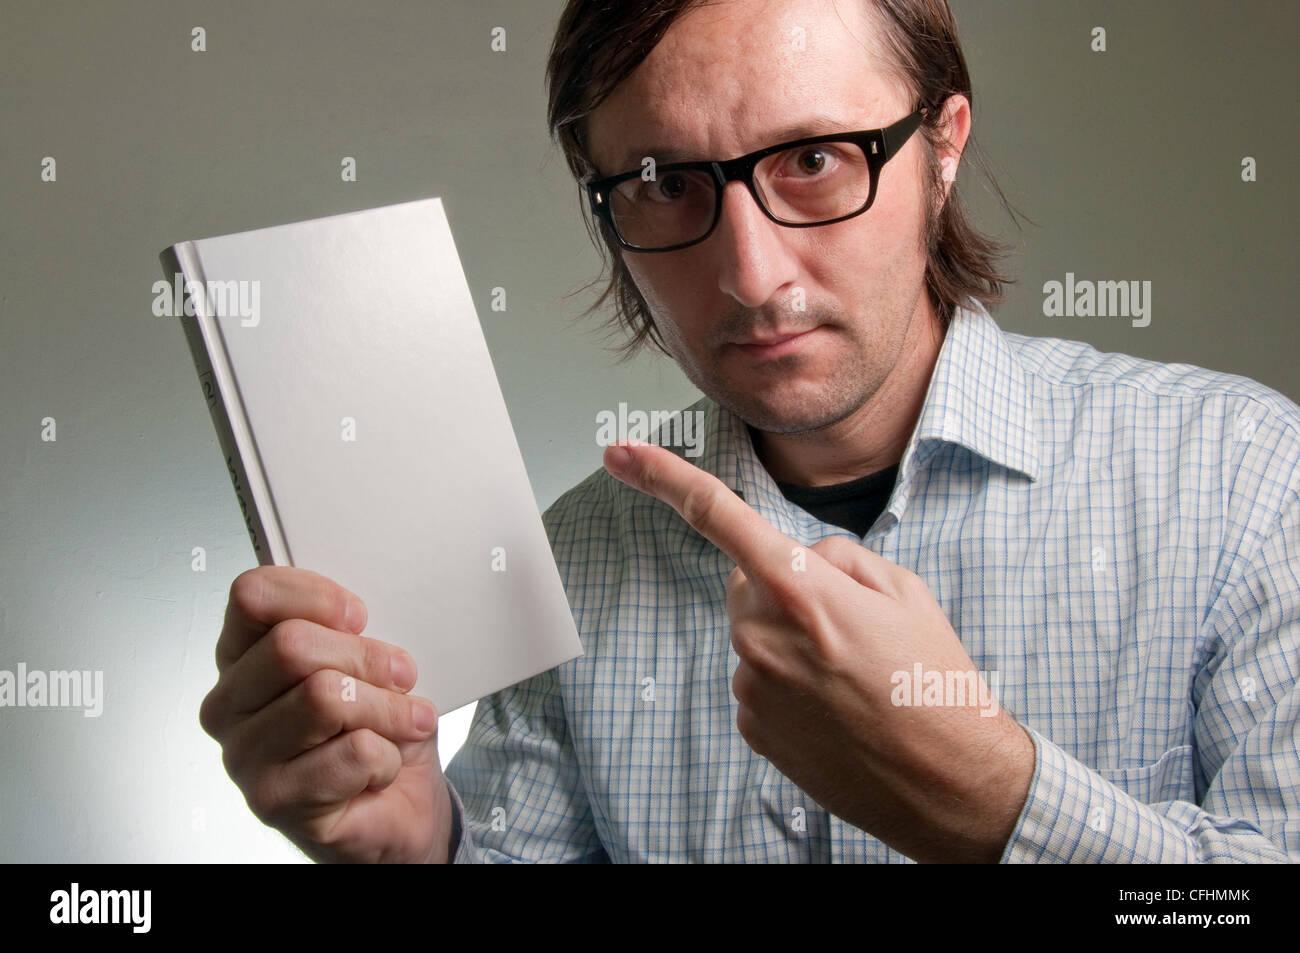 Nerd homme tenant un livre avec une couverture blanche vide, cette image  est un concept ec1fdc751209